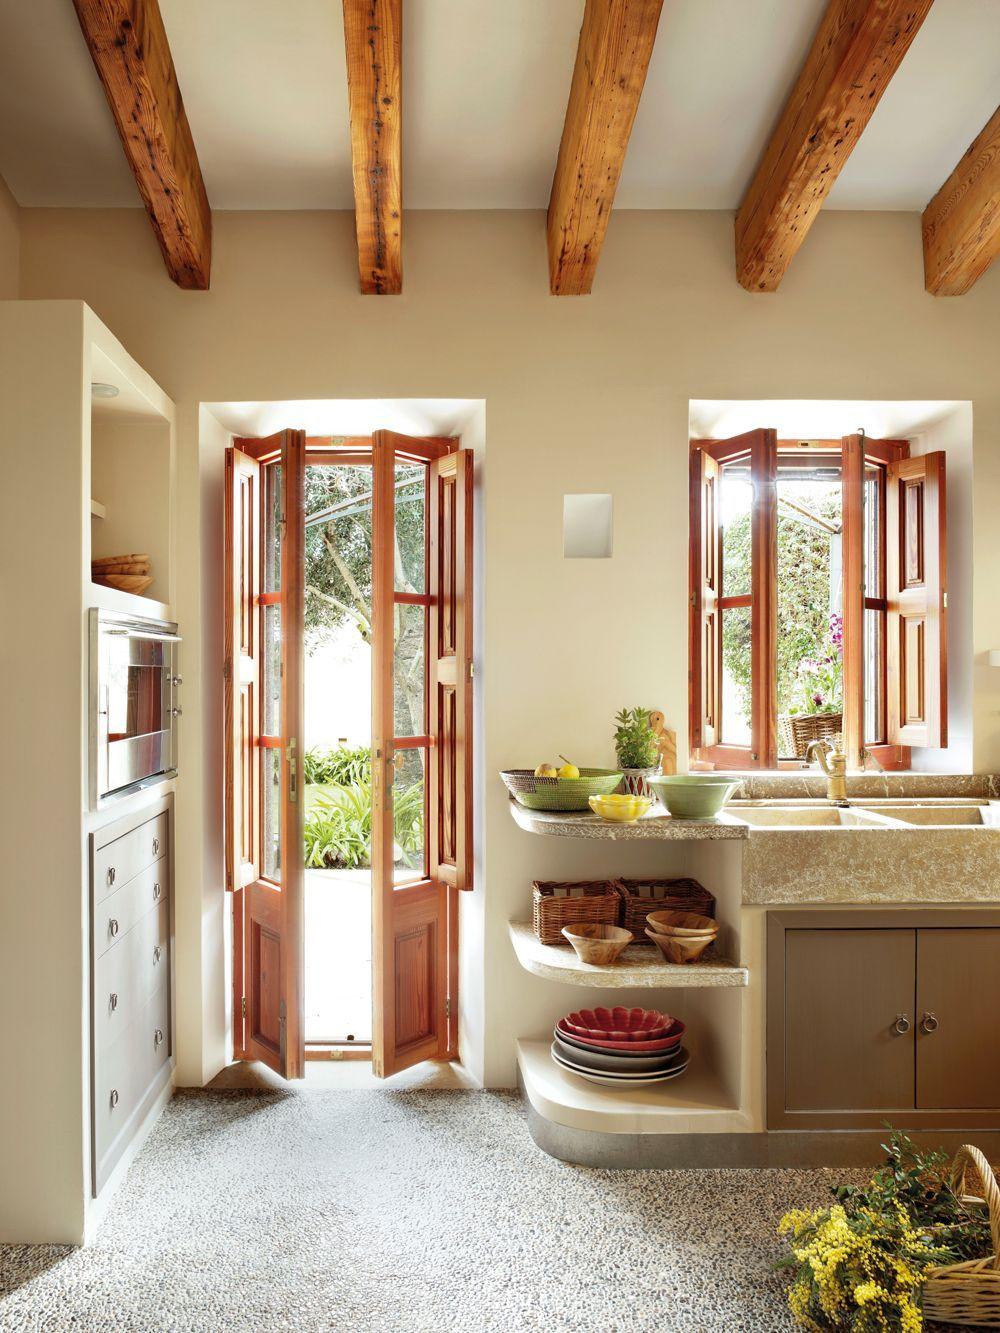 Cocina r stica con fregadero y suelo de piedra y muebles - Muebles de piedra ...